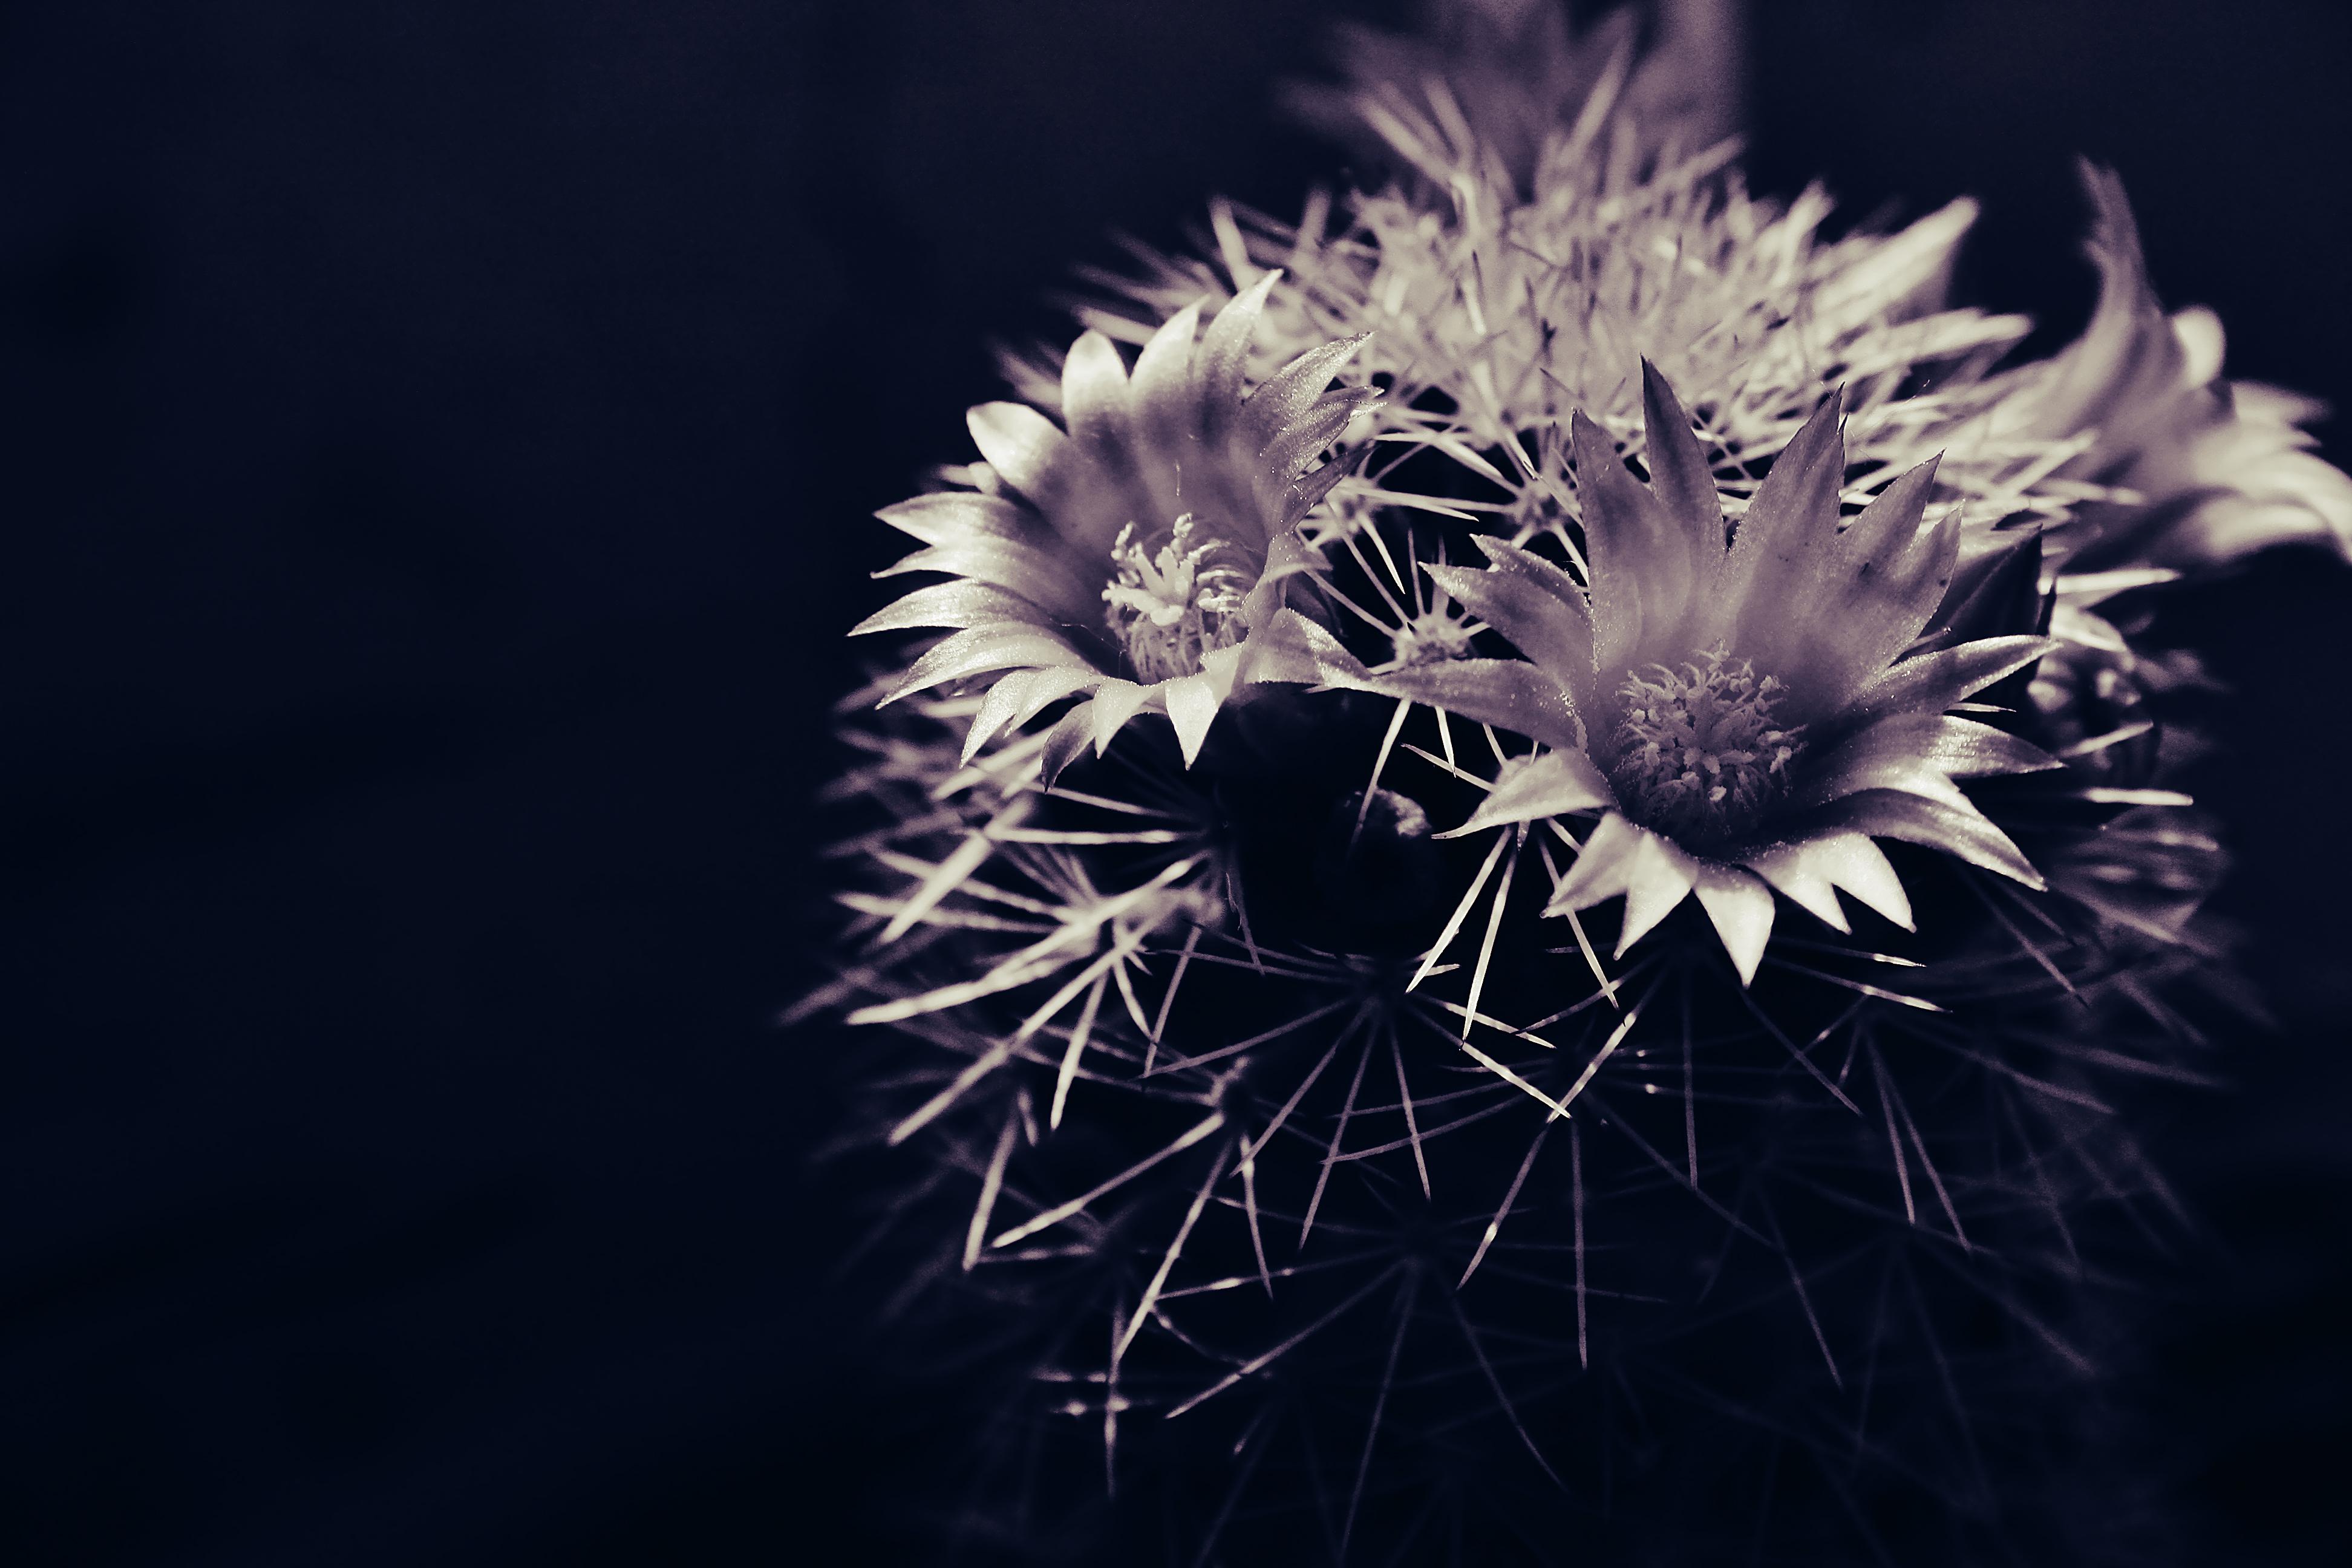 Hình nền : thiên nhiên, Bầu trời, nhiếp ảnh, màu tím, Vĩ mô, cây xương rồng, Mùa xuân, chi tiết, Quốc gia, thực vật, Hệ thực vật, bóng tối, Cánh hoa, ...